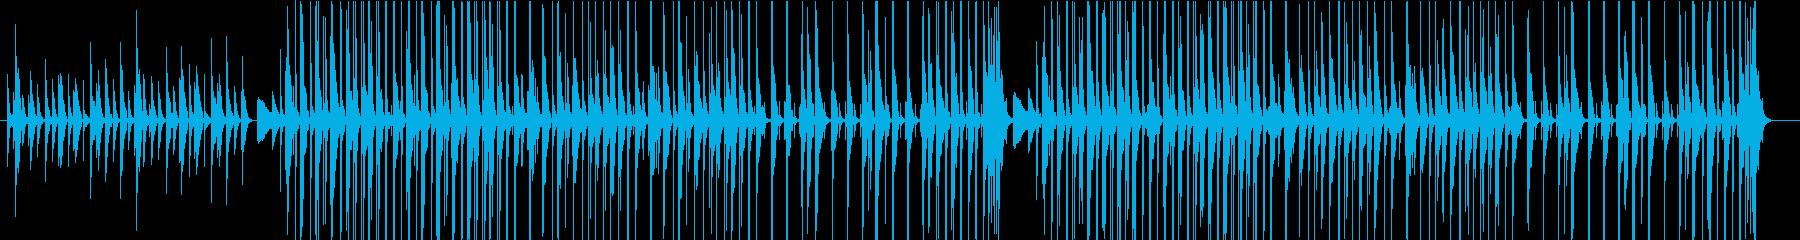 ほのぼのしたアコースティックアンサンブルの再生済みの波形